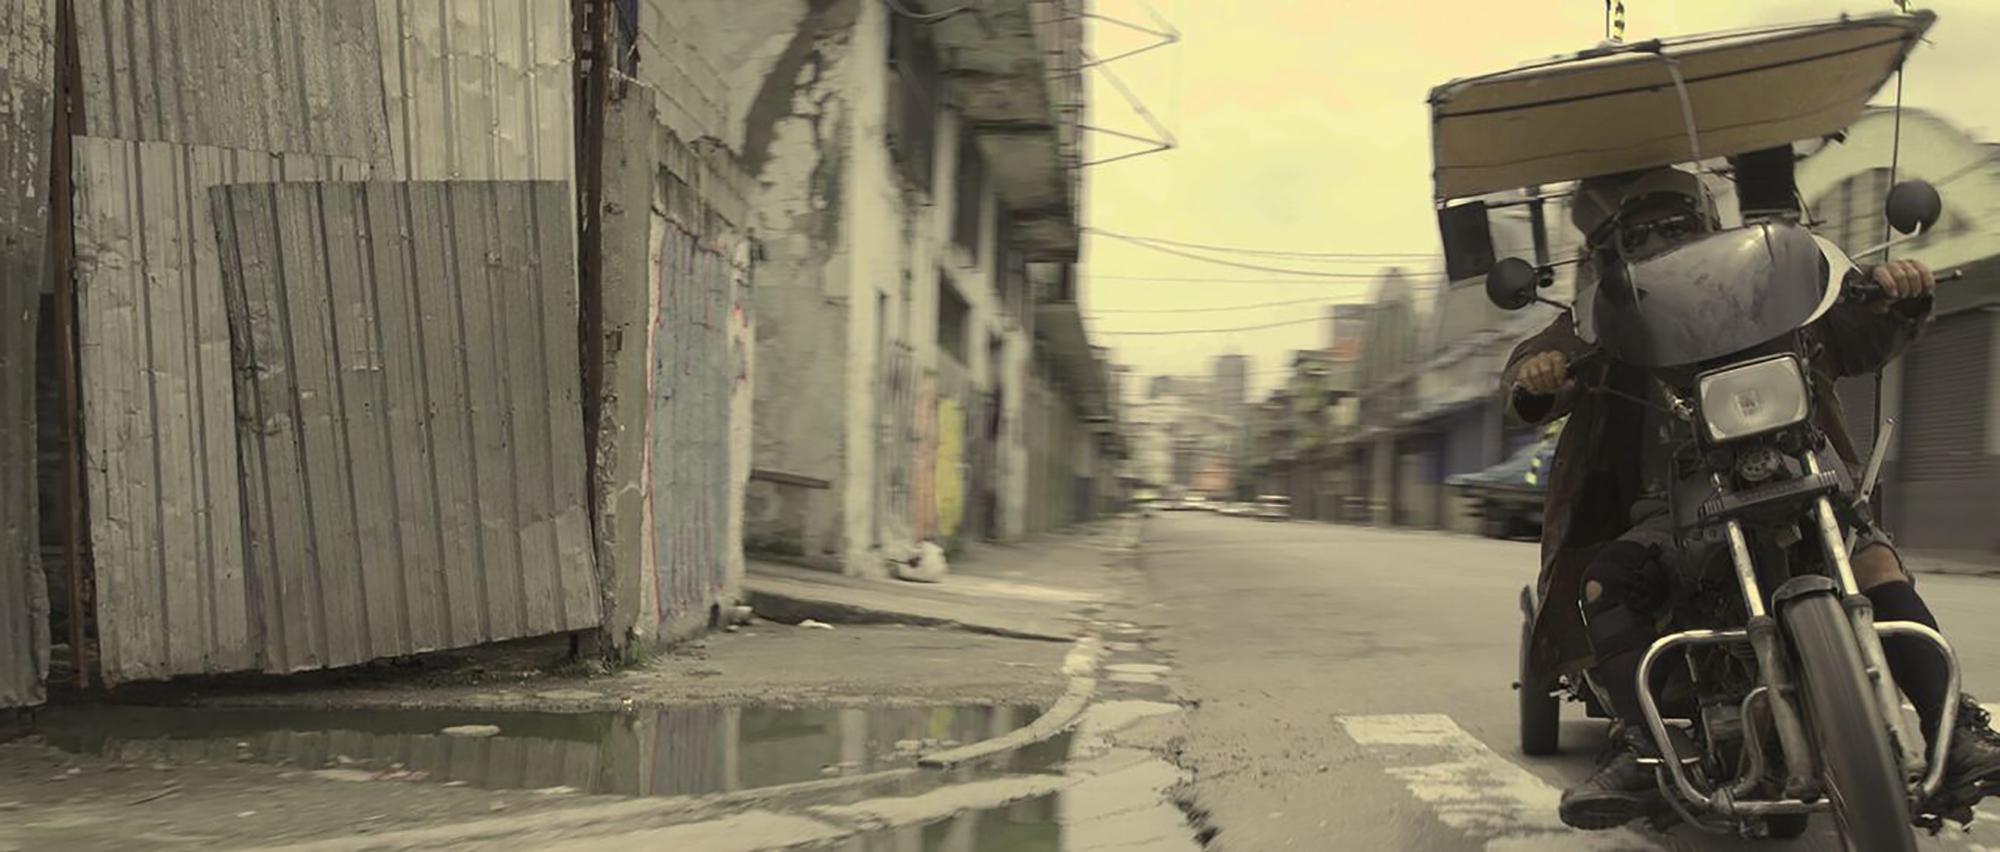 Filmes de professores e alunos da AIC no Festival de Curtas de São Paulo